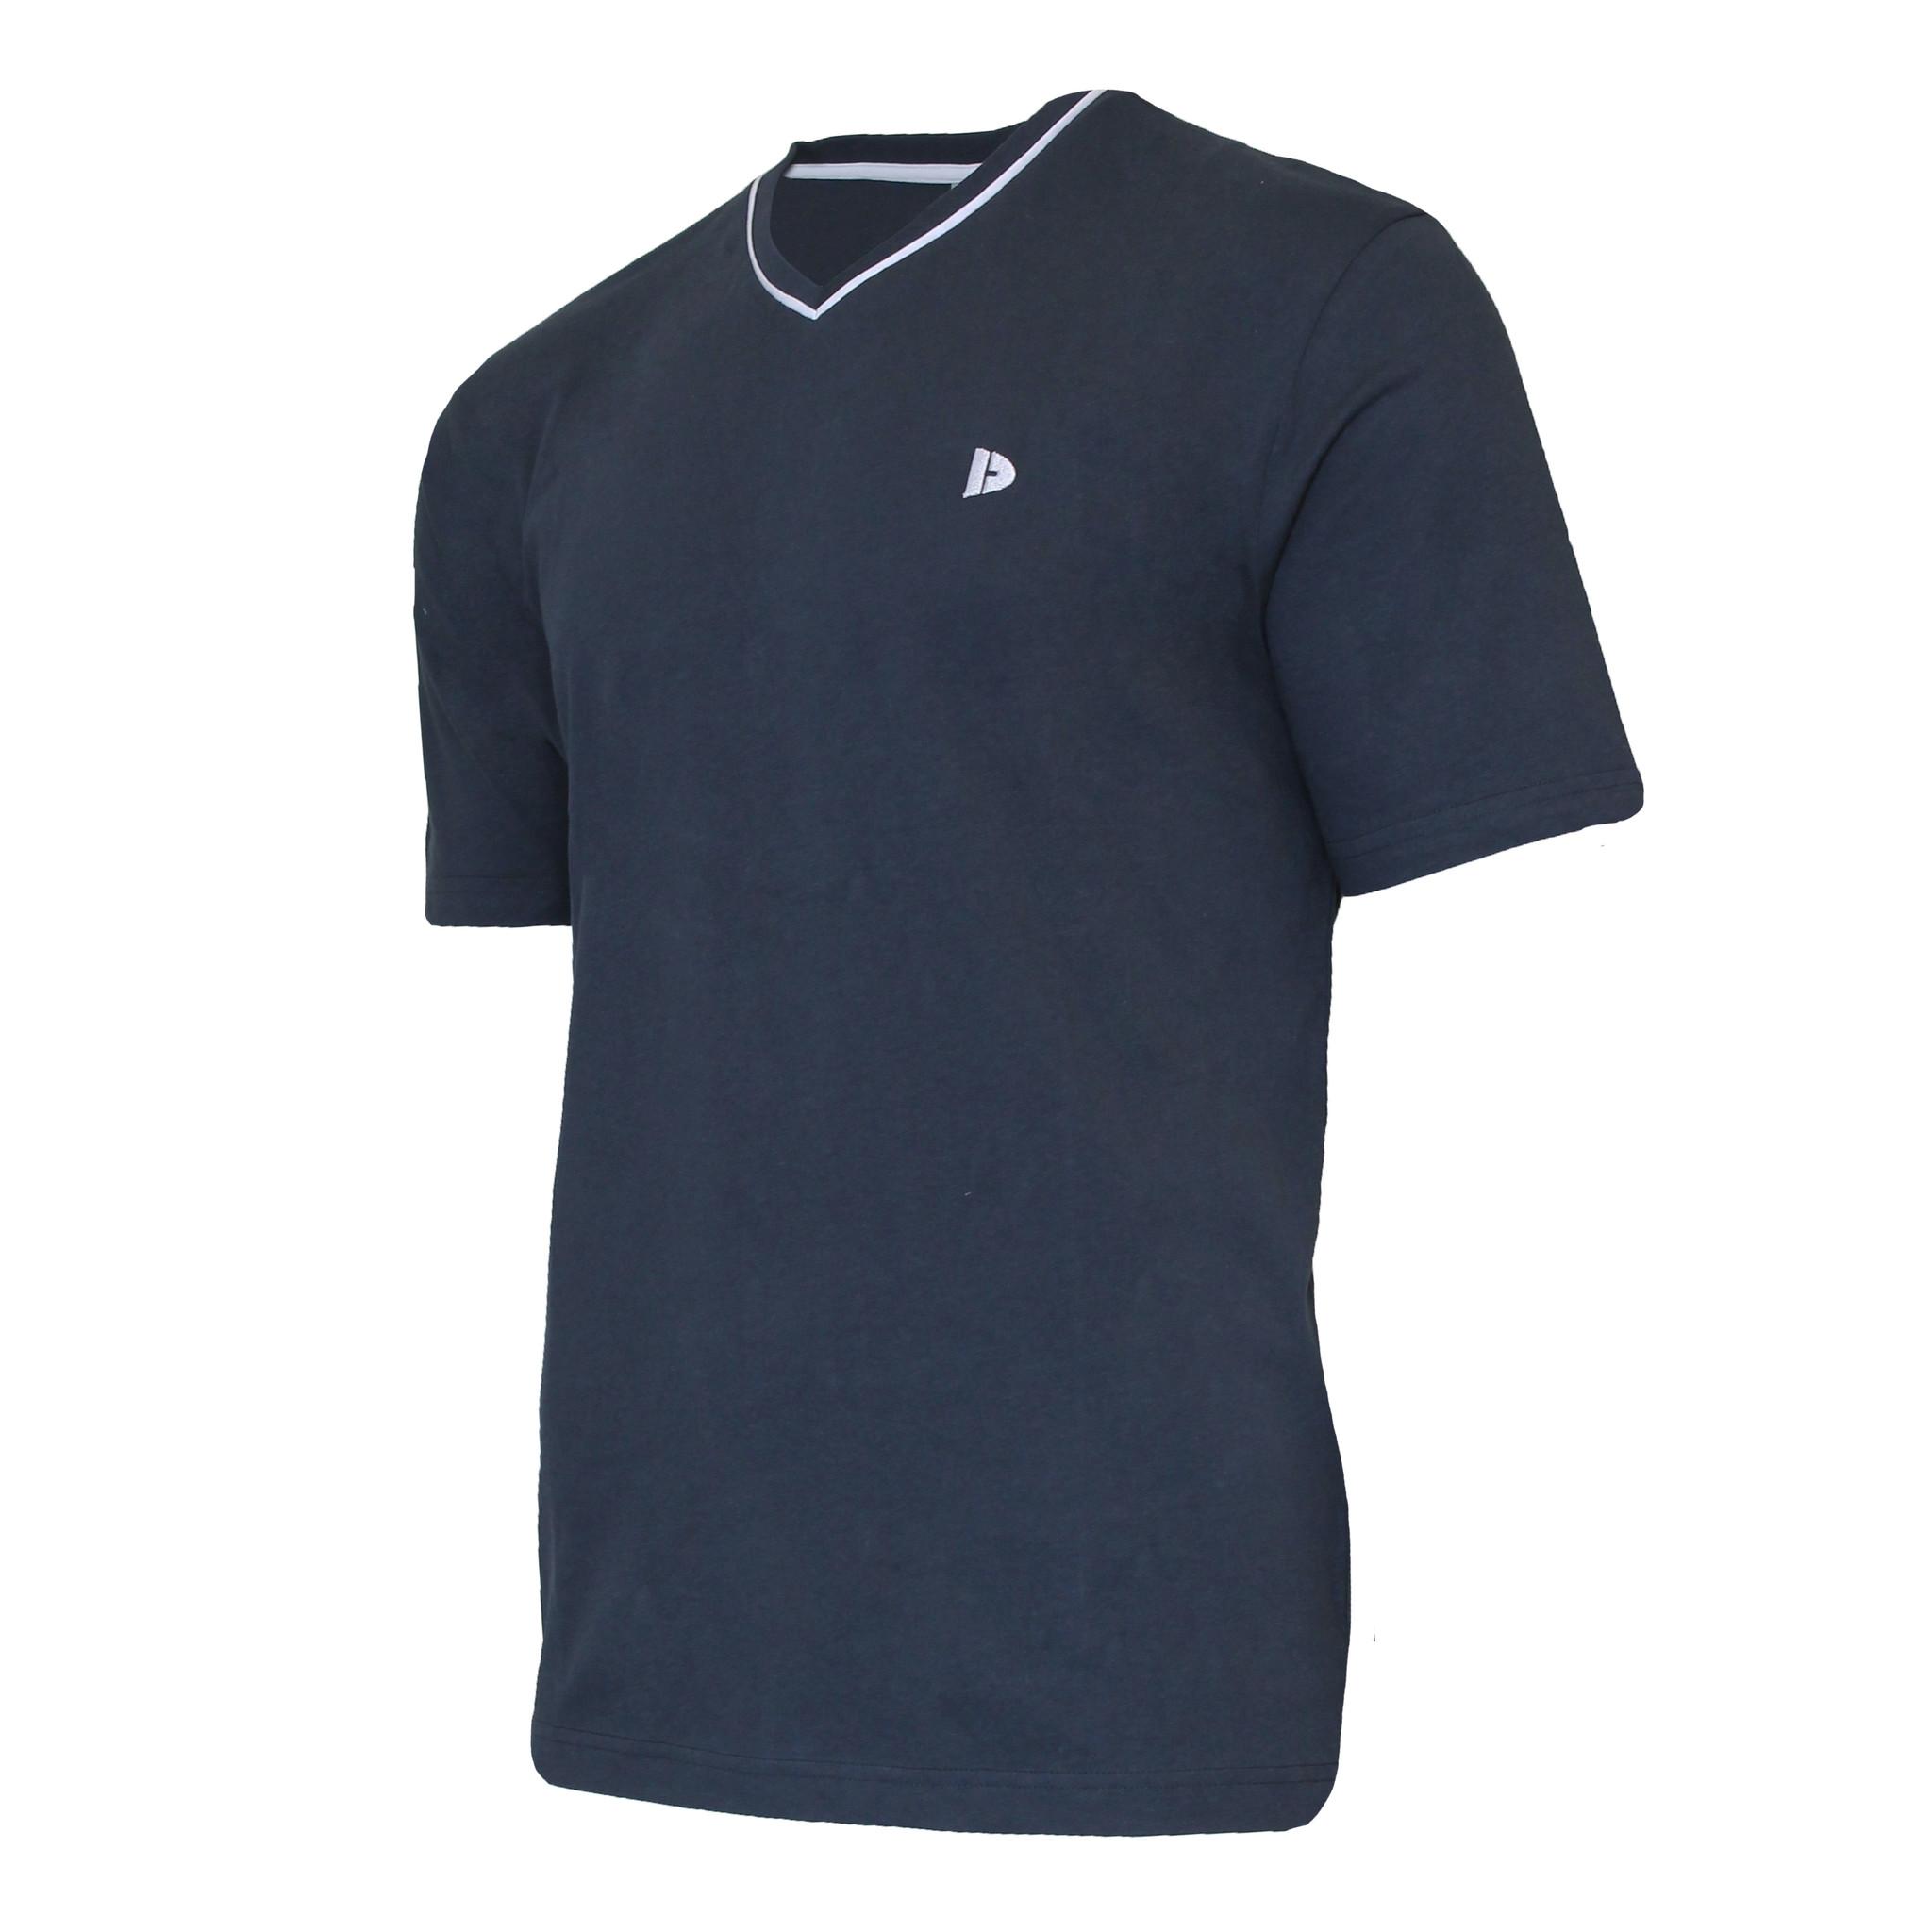 Donnay Donnay Heren - T-Shirt Jason - Donkerblauw